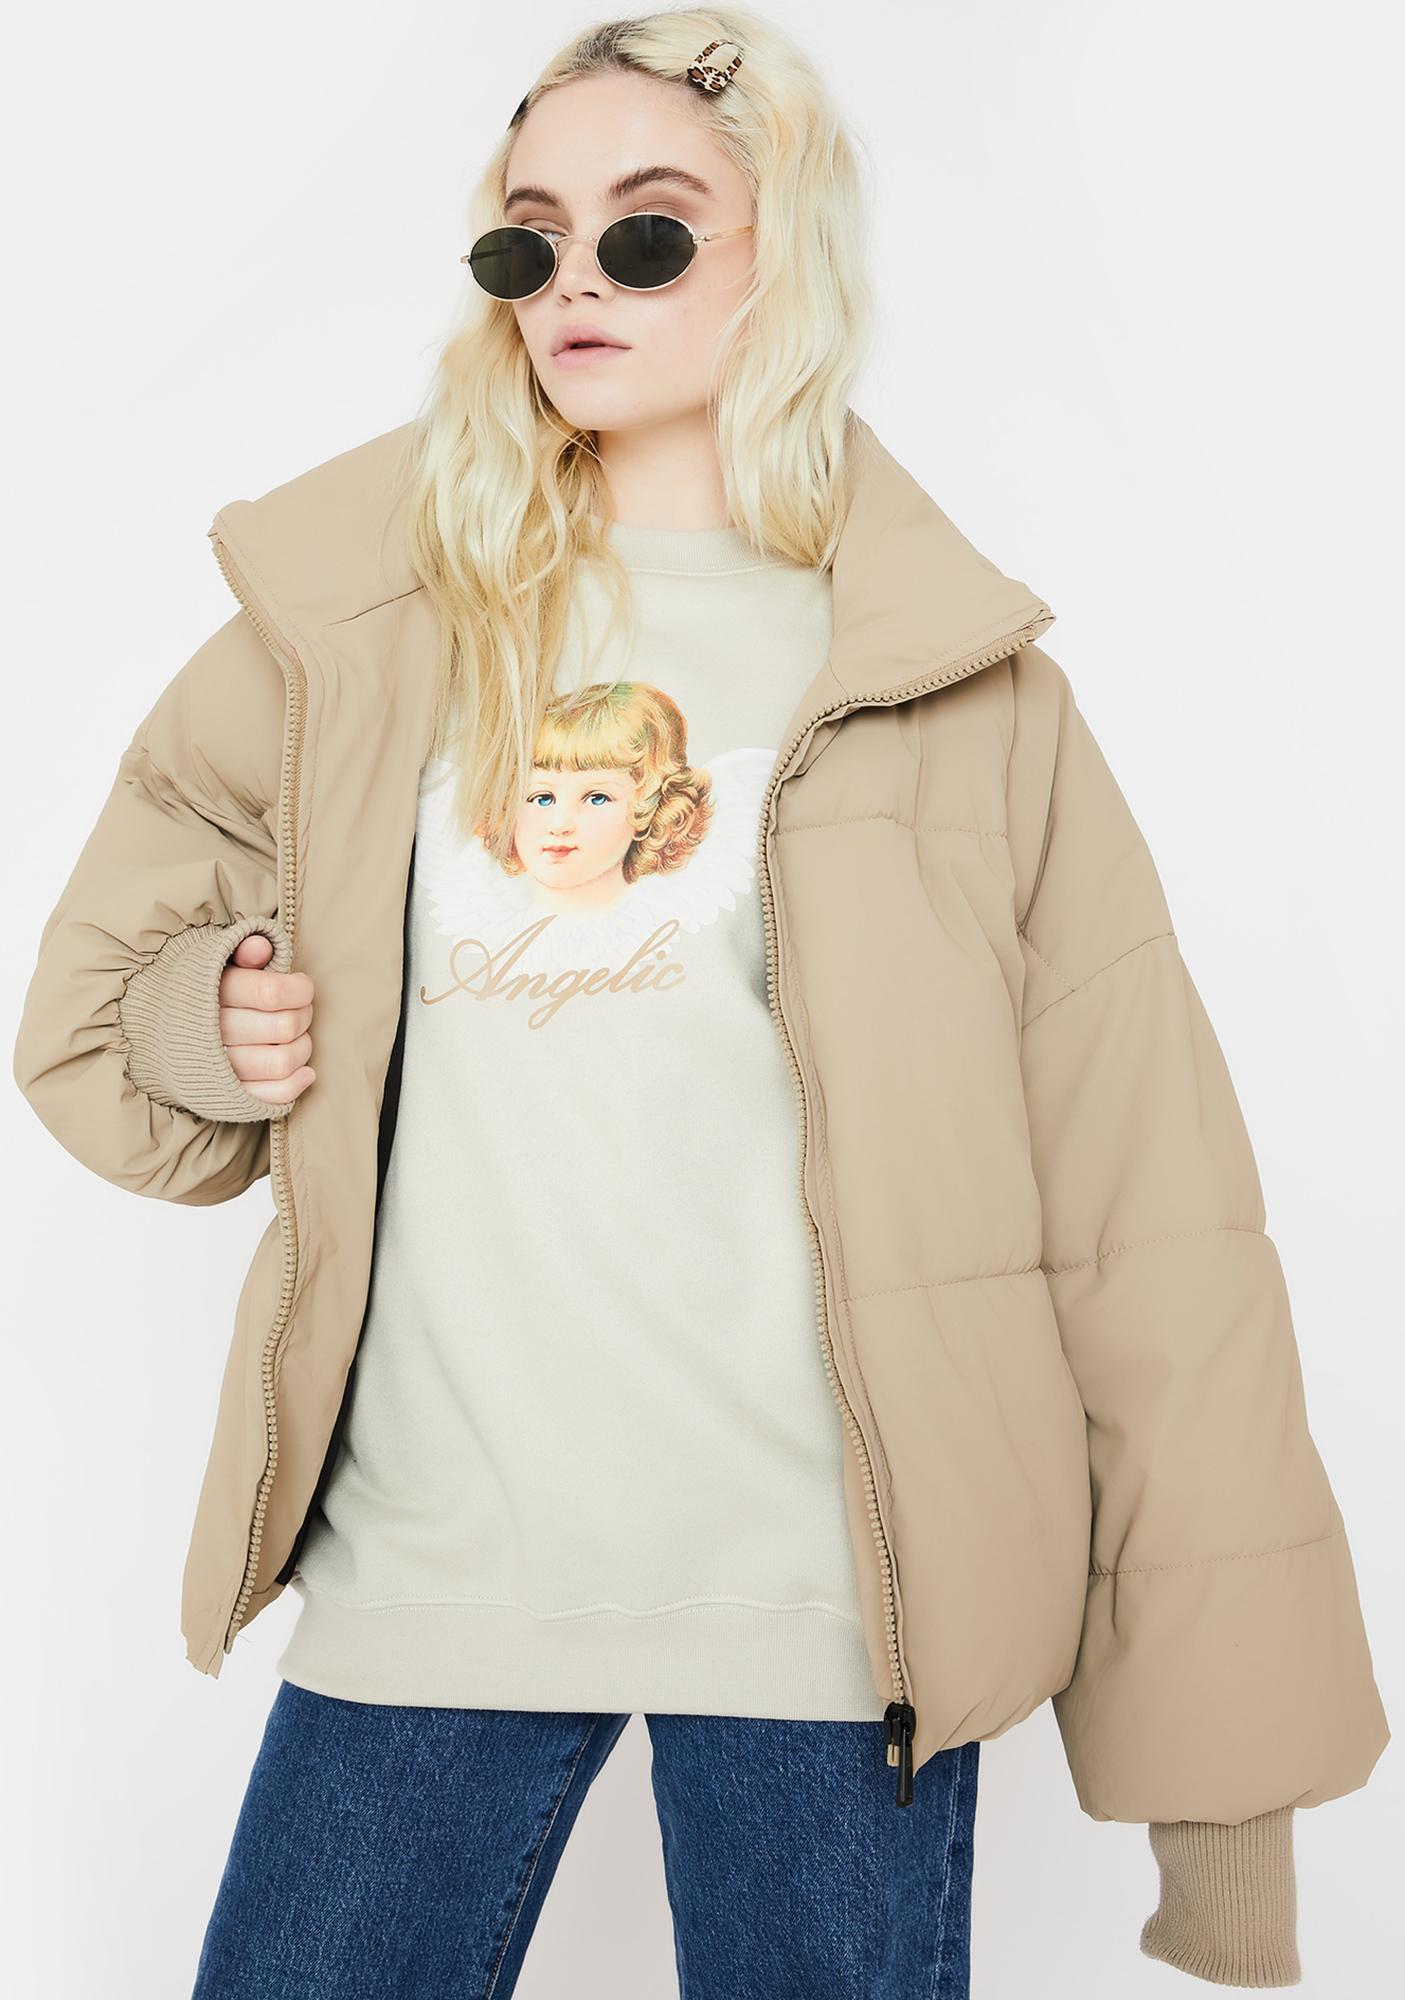 Minga Angelic Graphic Sweatshirt